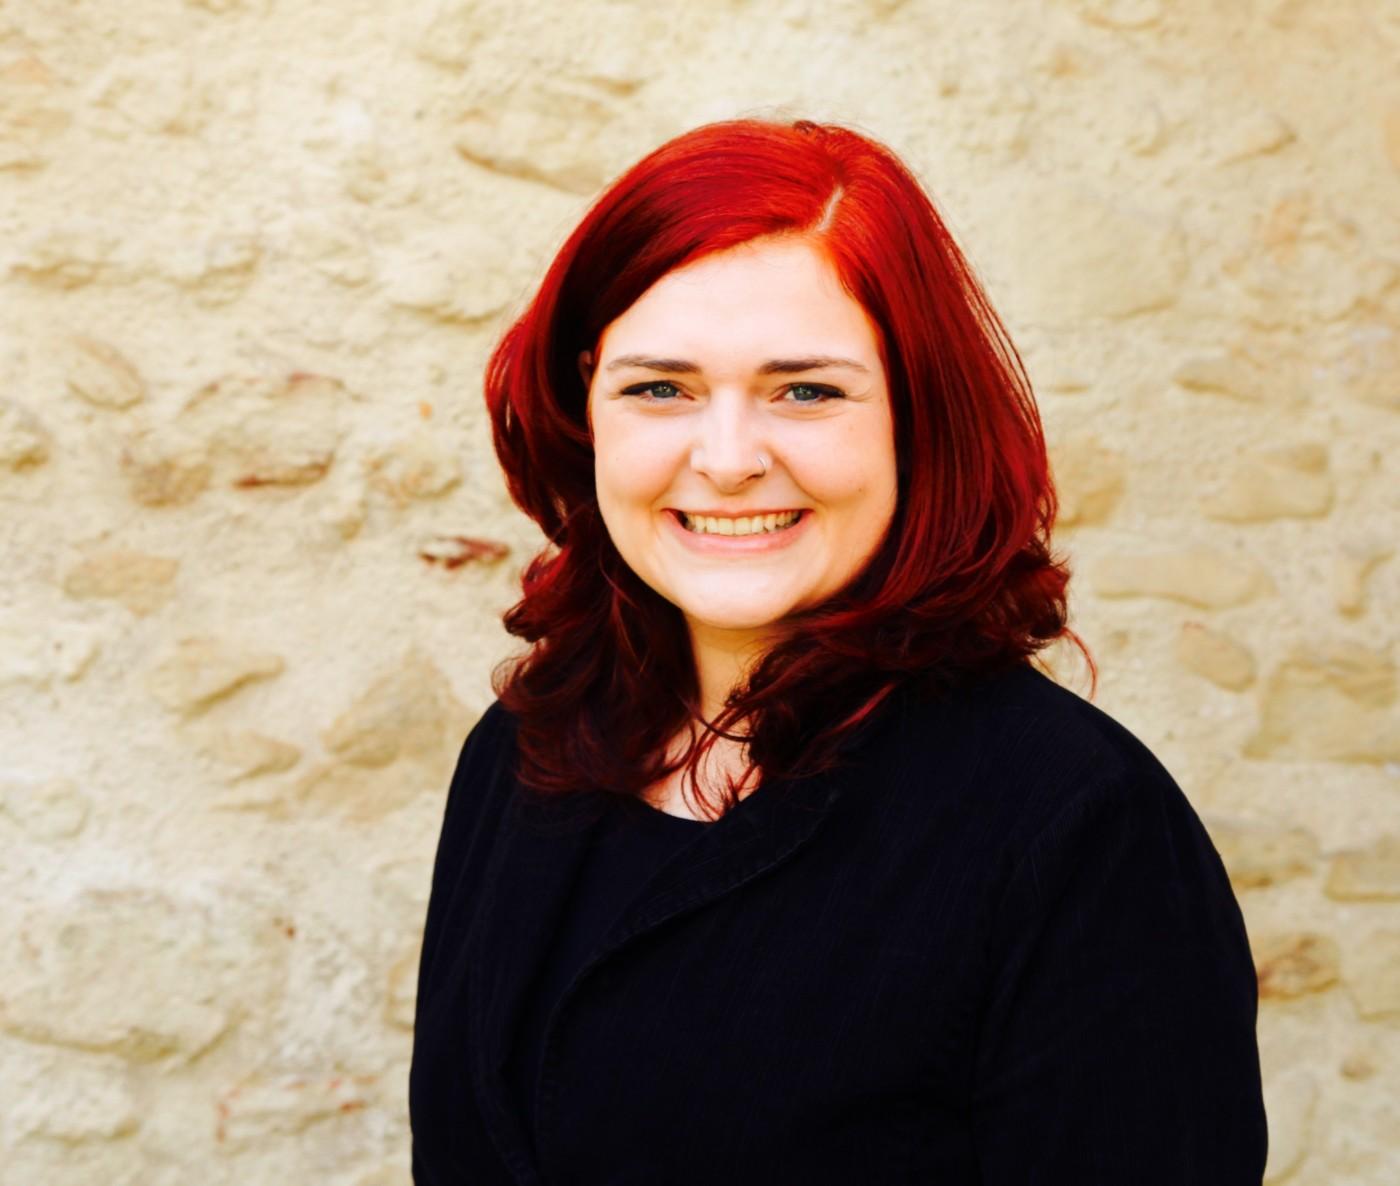 Profilbild Pia Schellhammer